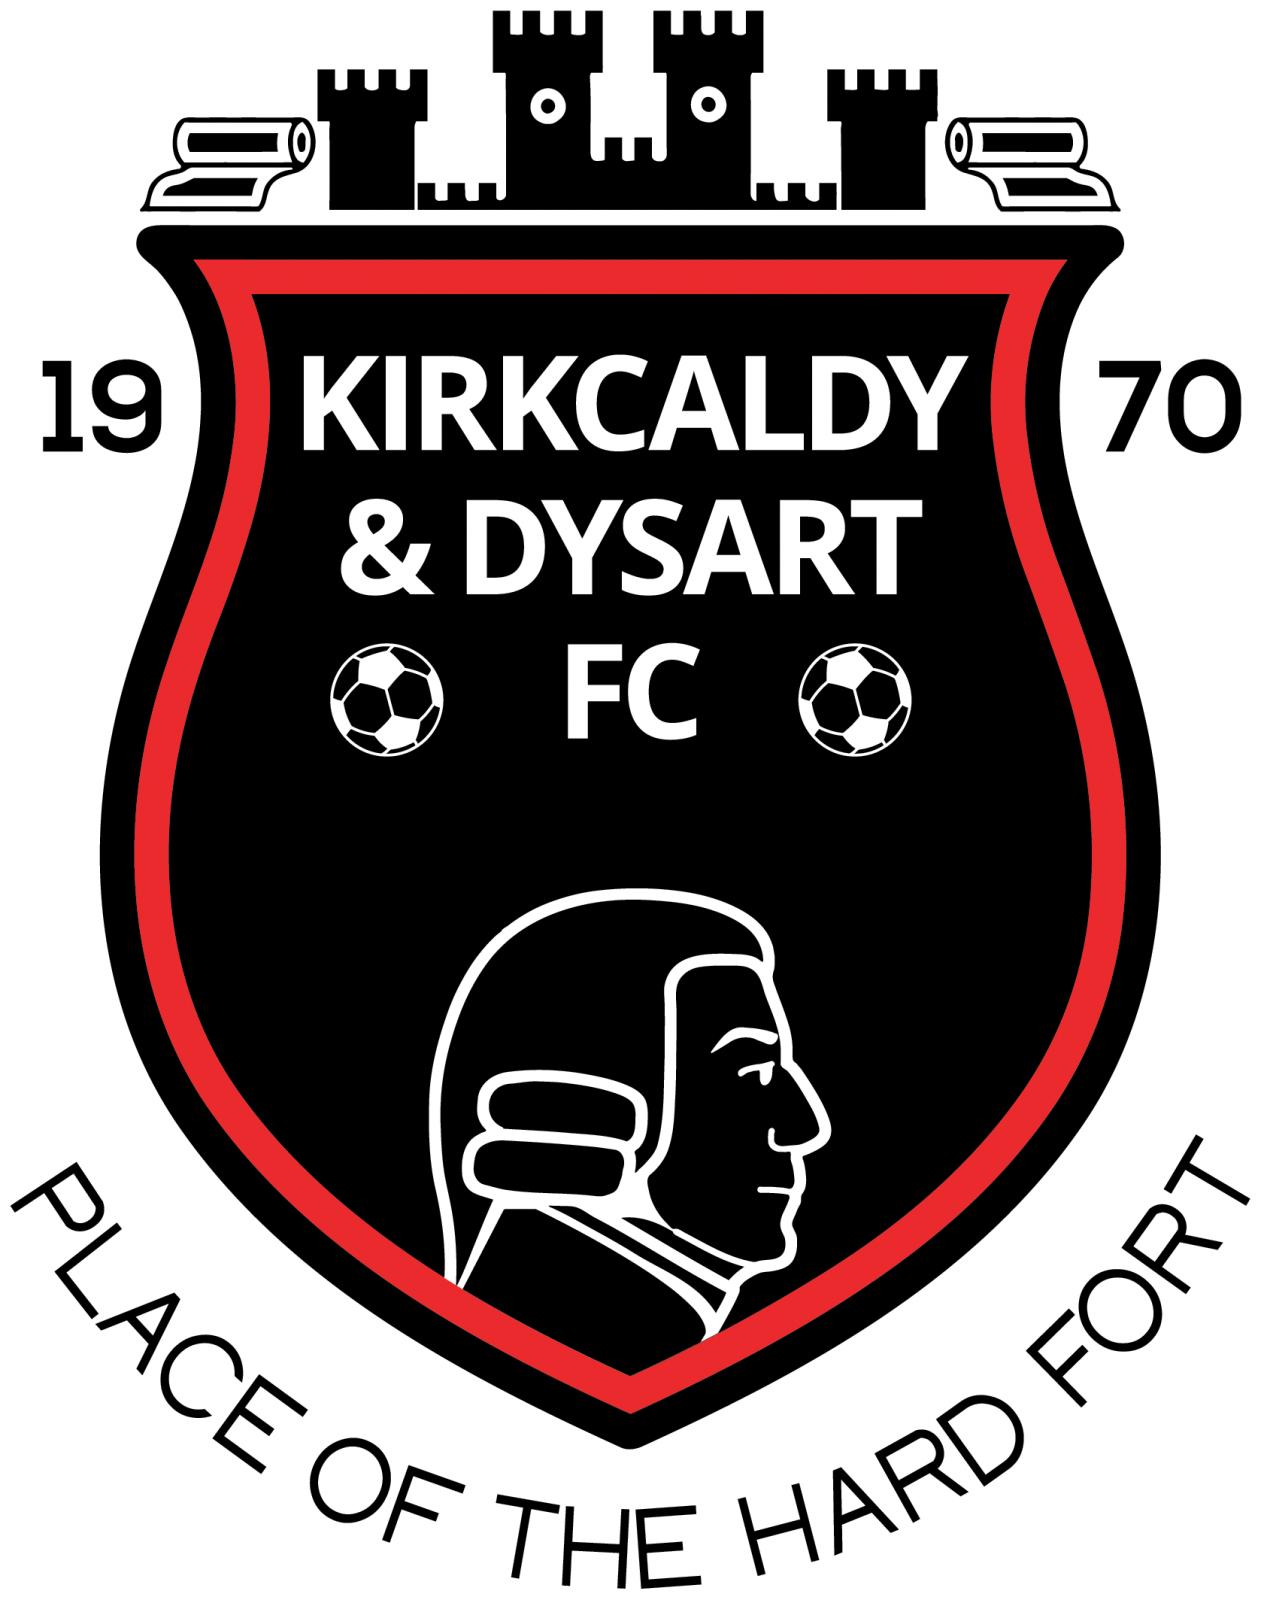 Kirkcaldy & Dysart